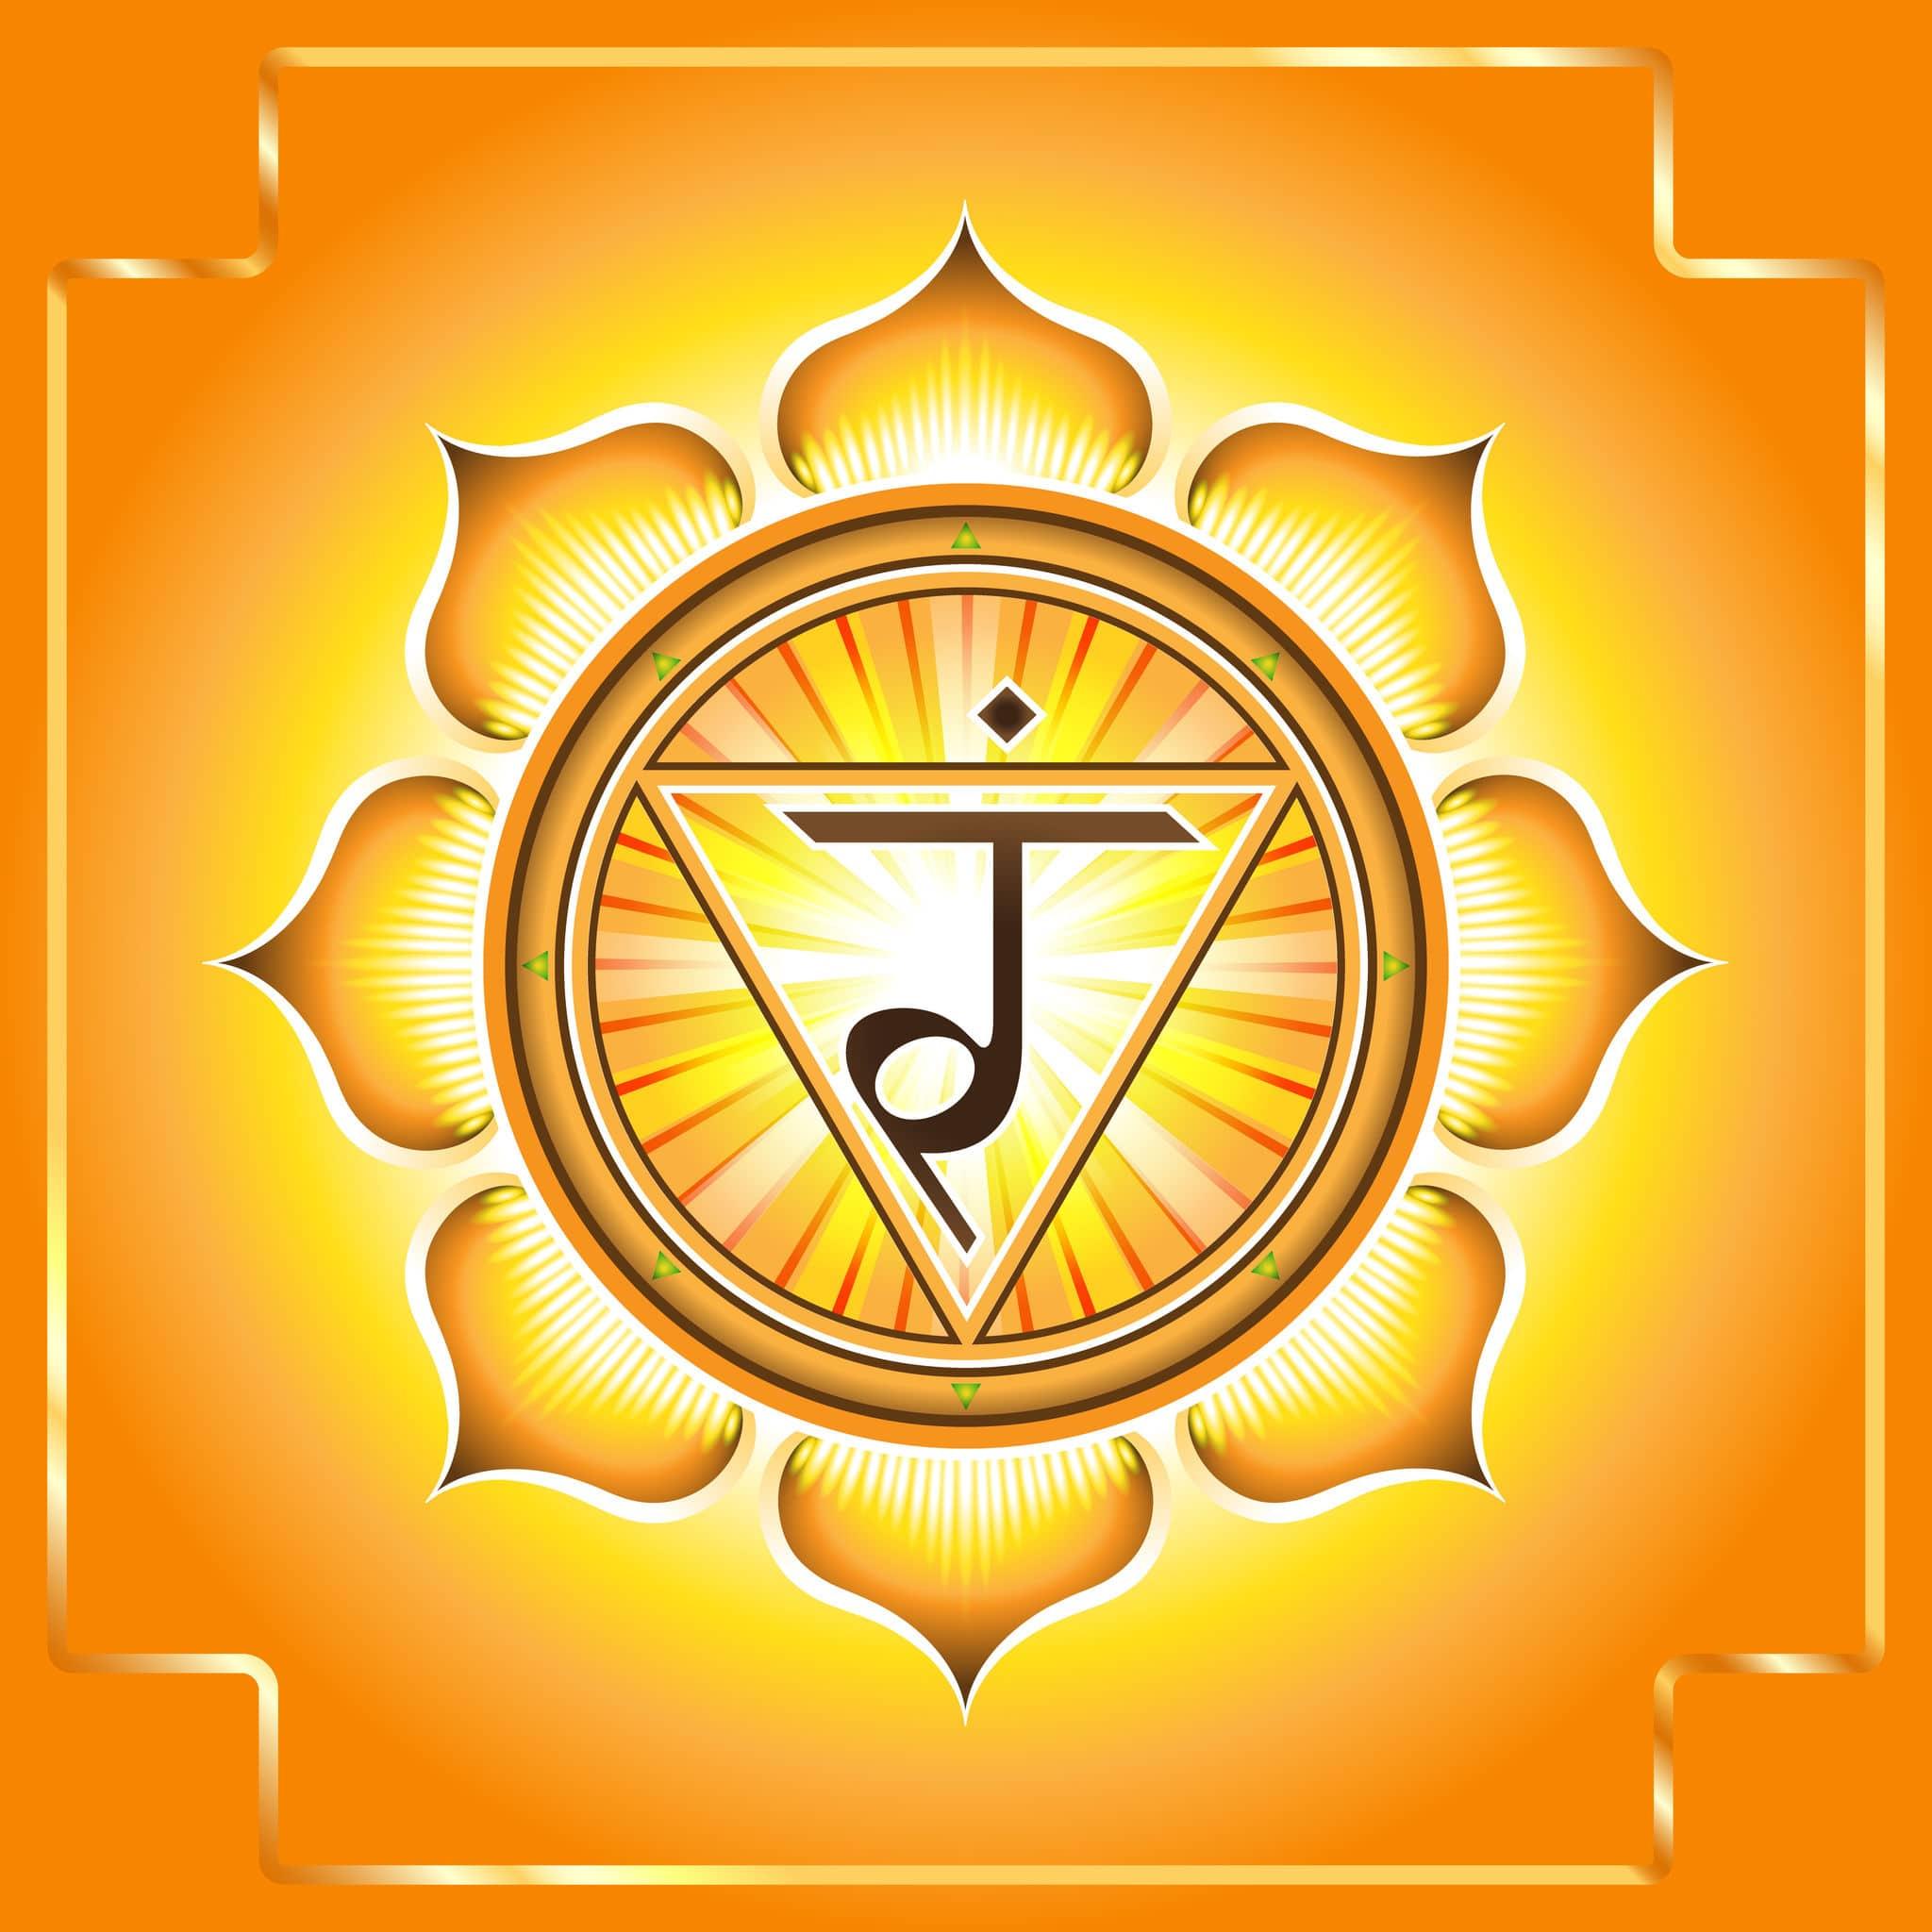 Desenho do símbolo do Chakra do Plexo Solar